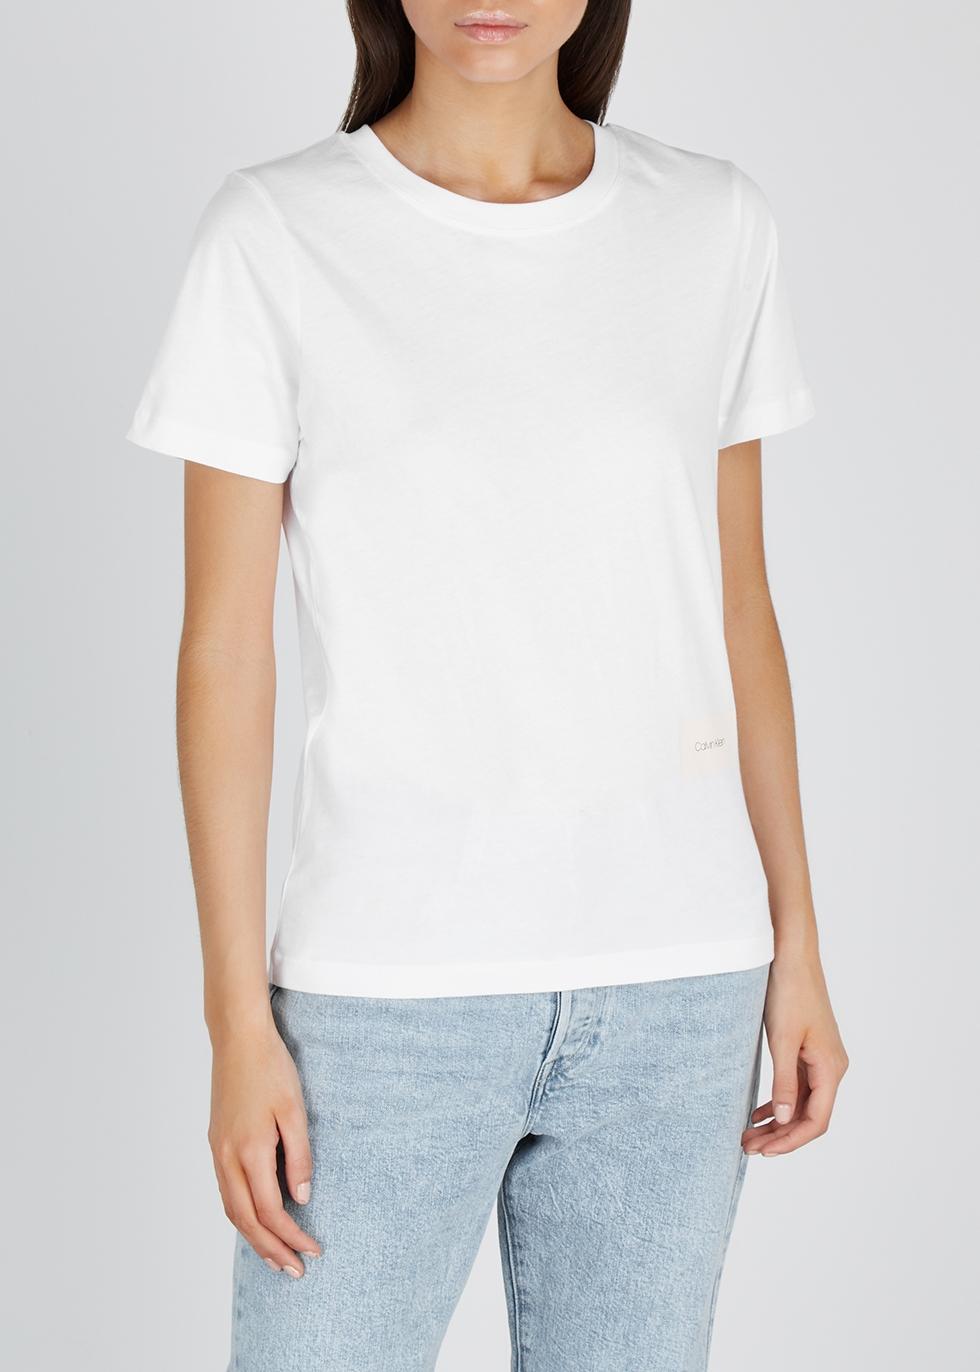 White logo-print cotton T-shirt - Calvin Klein